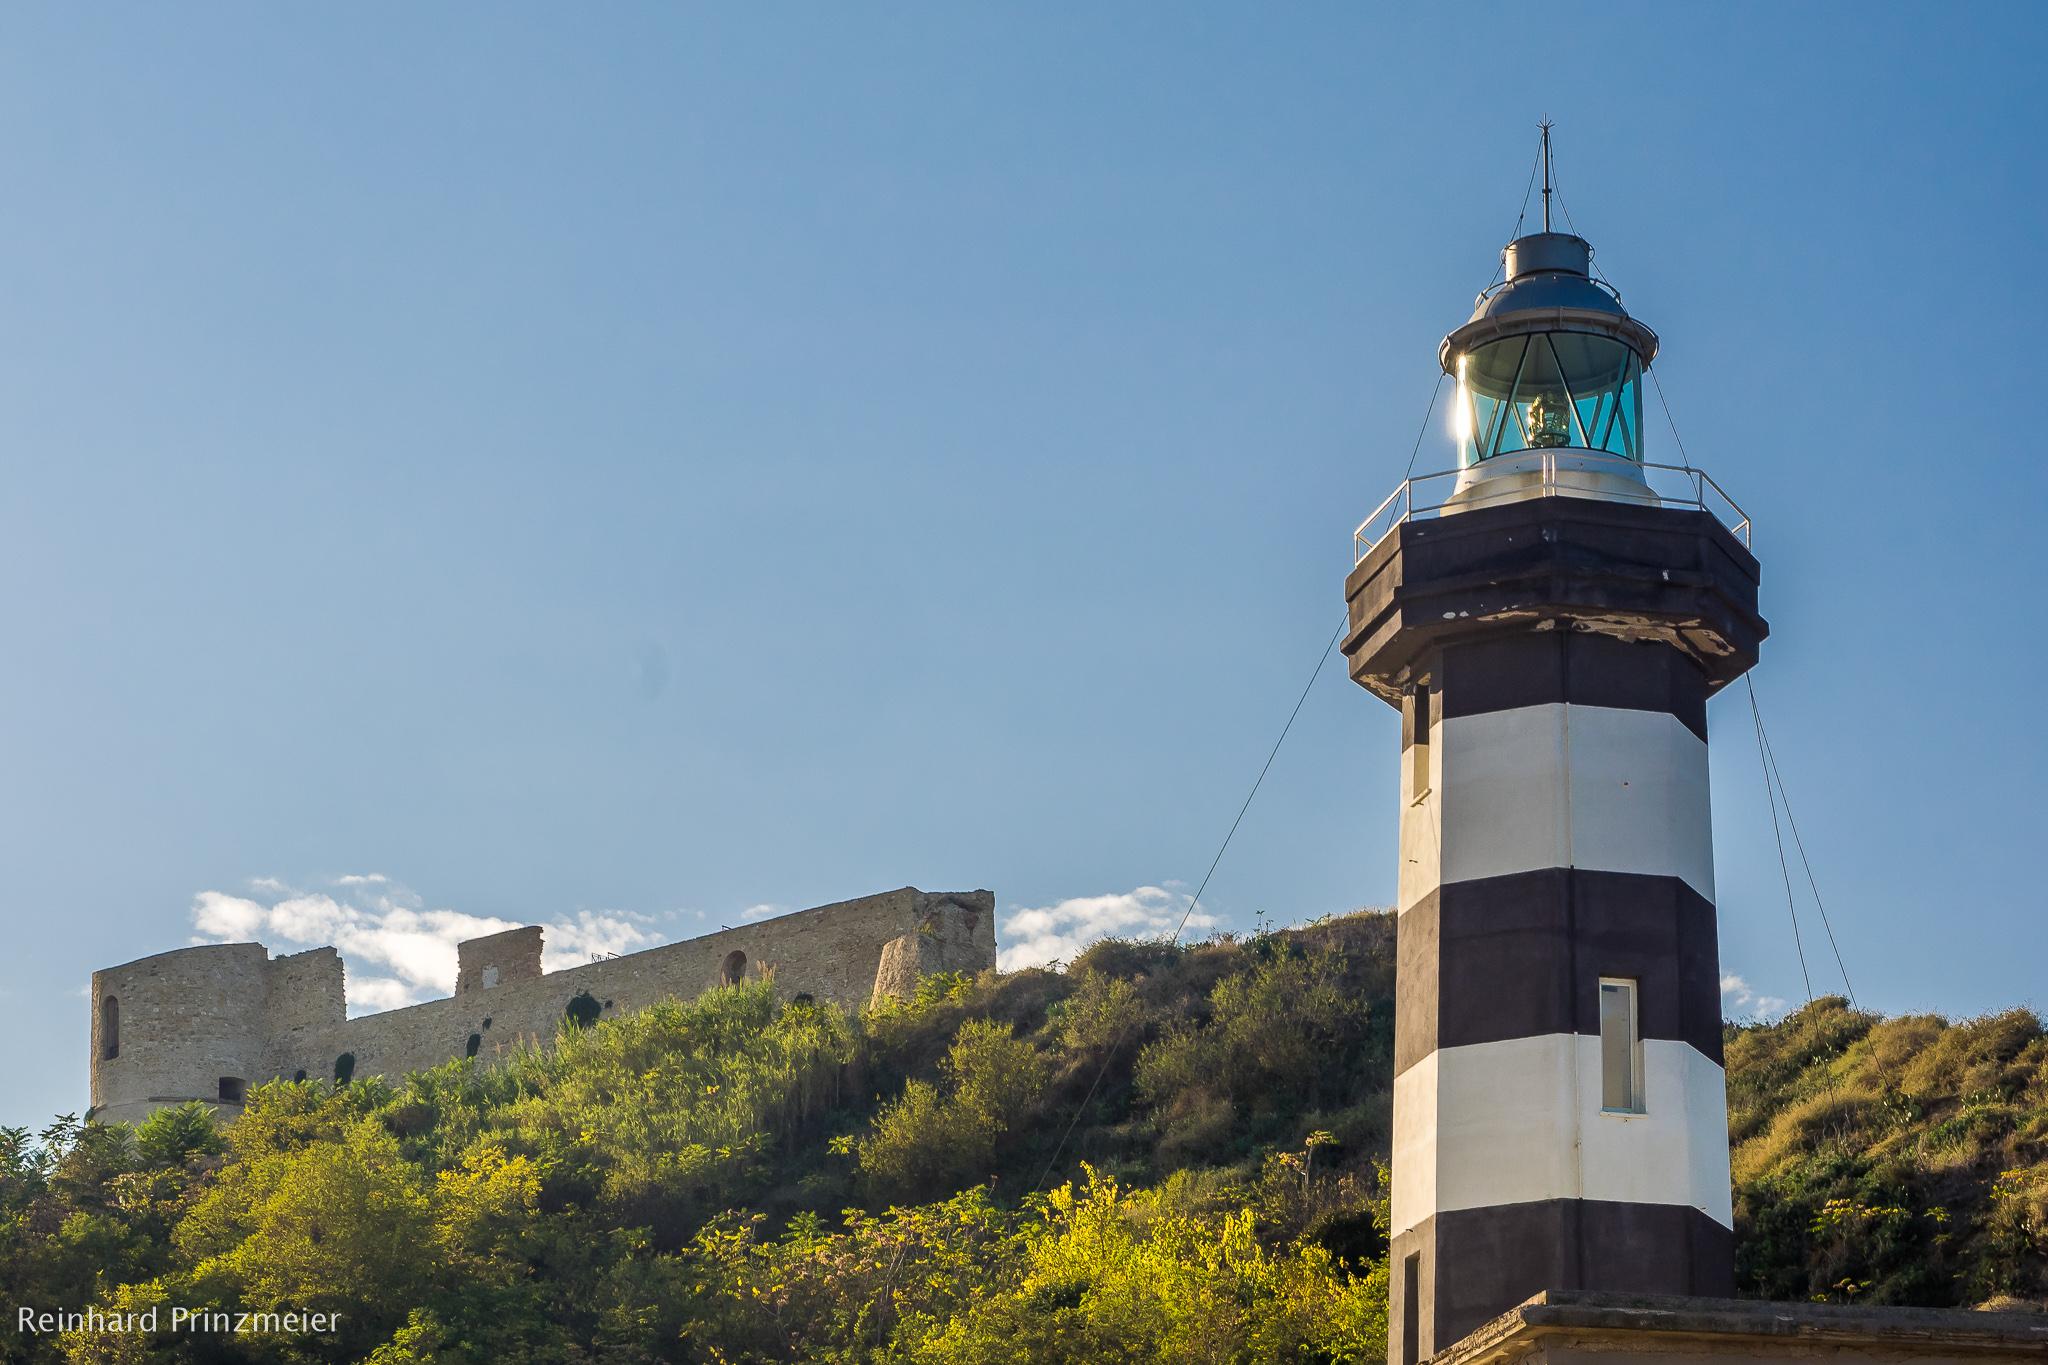 Ortona Lighthouse, Italy